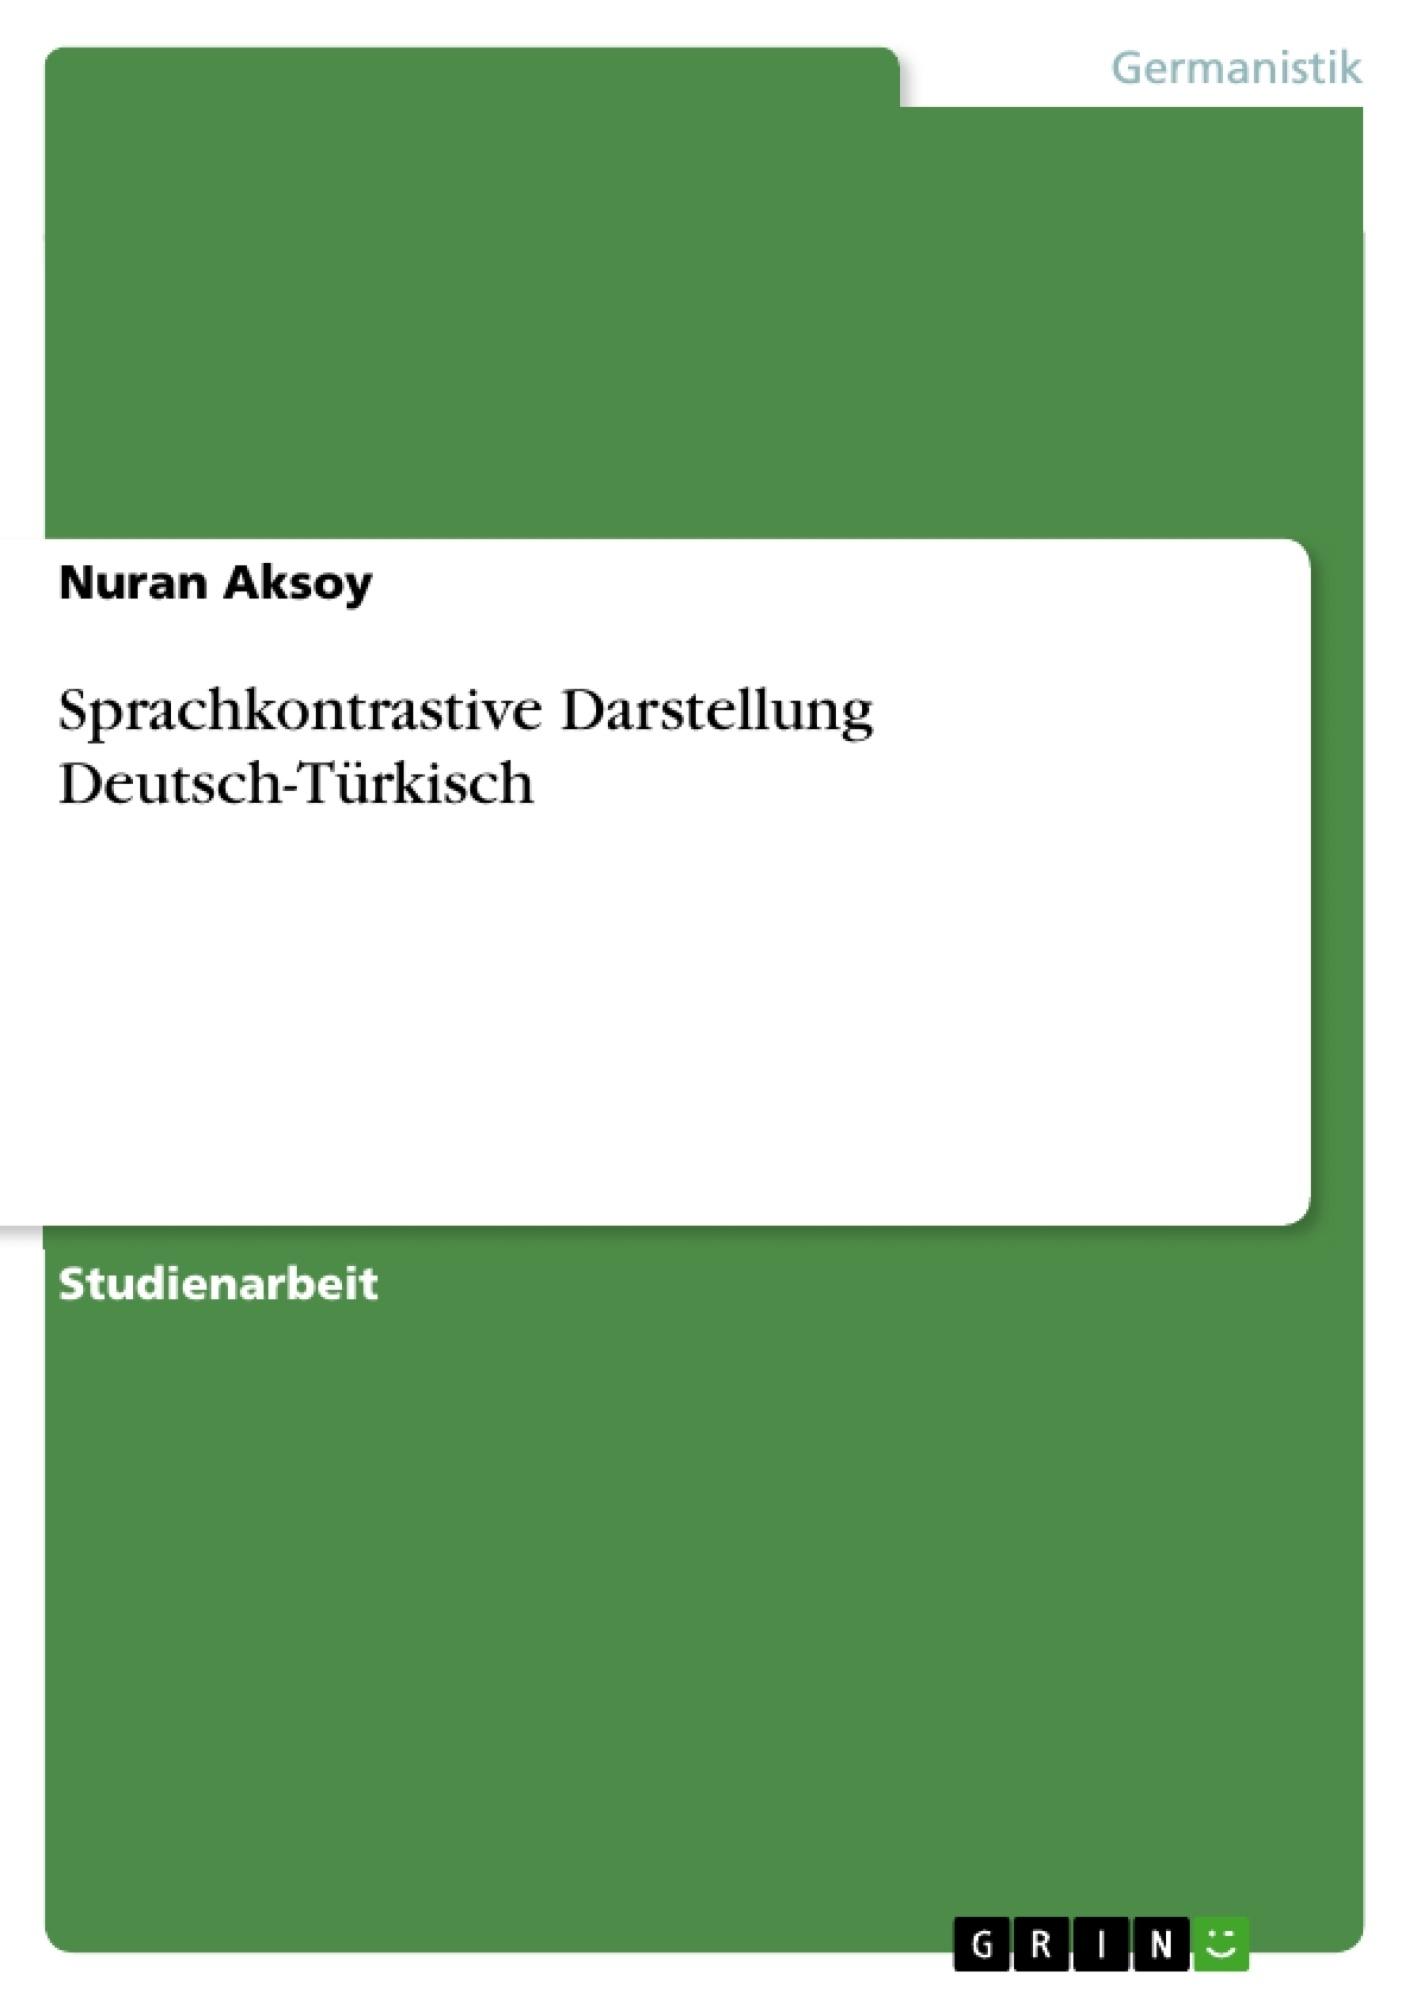 Titel: Sprachkontrastive Darstellung Deutsch-Türkisch